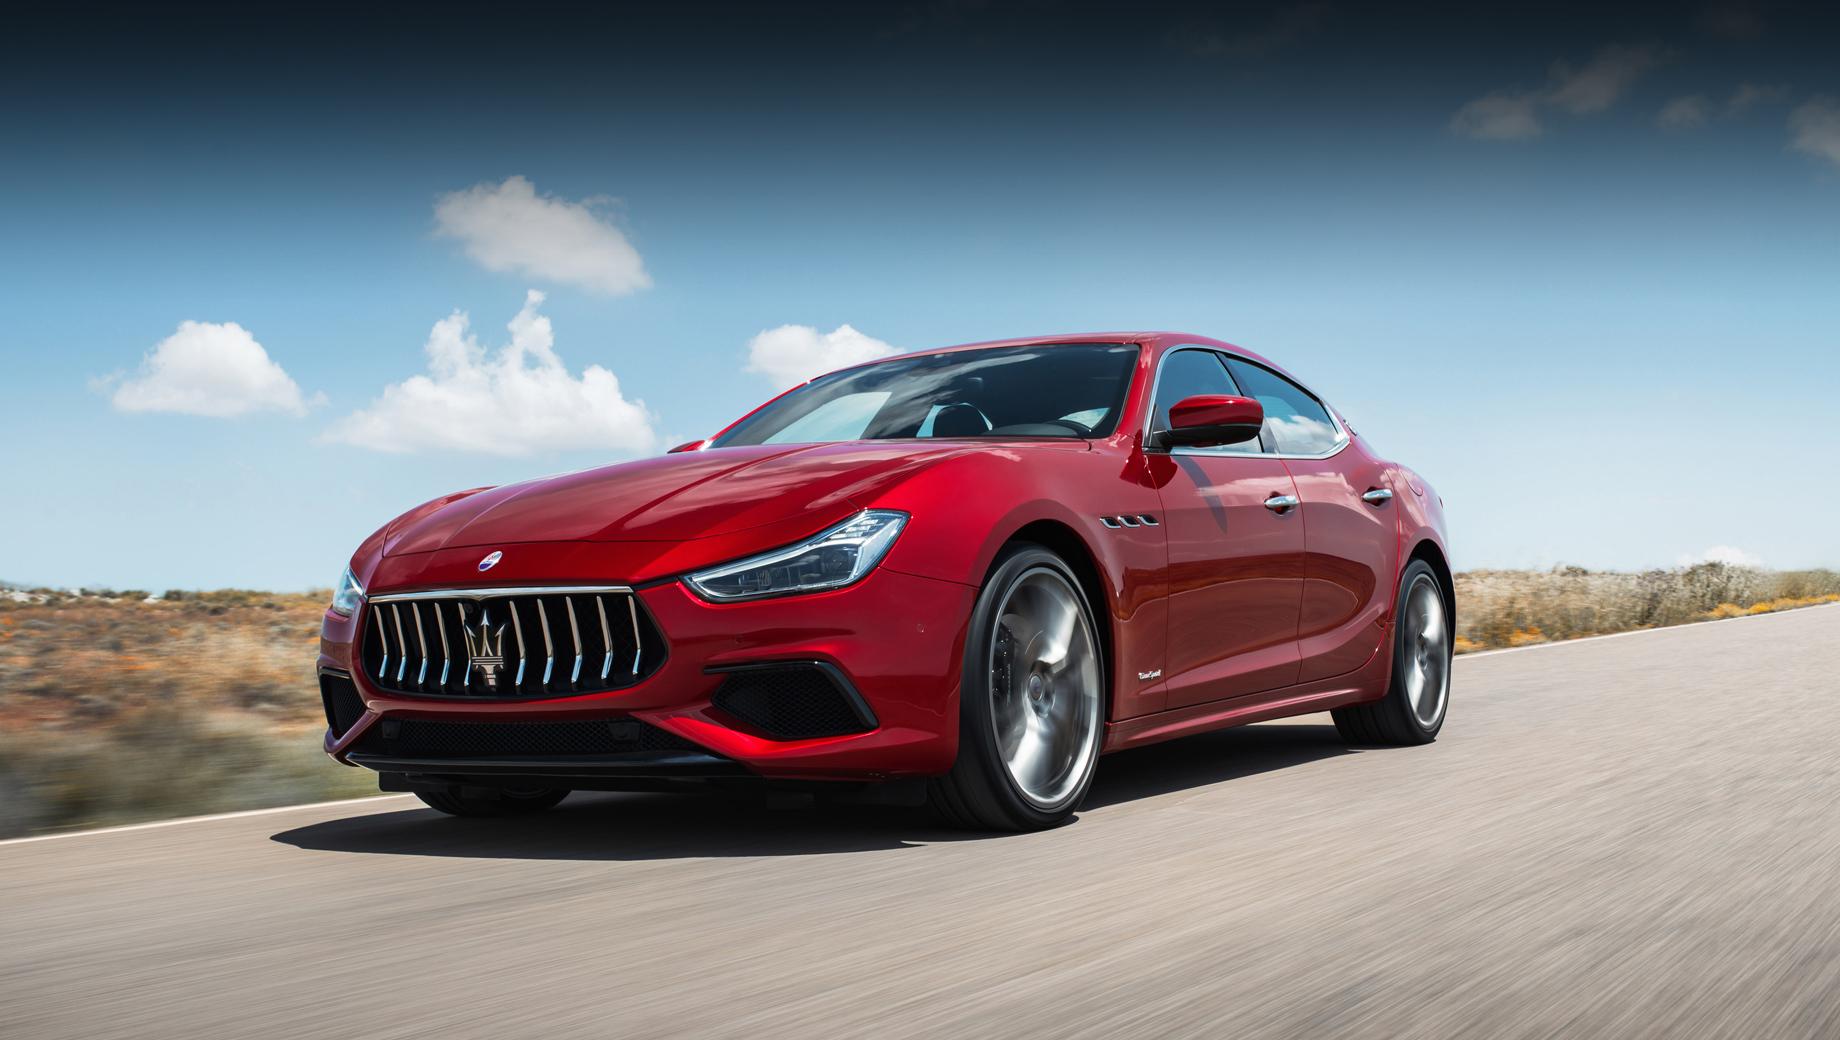 Maserati quattroporte,Maserati ghibli. В настоящий момент Ghibli располагает трёхлитровыми моторами V6: бензиновым на 350 л.с., 500 Н•м и 430 л.с., 580 Н•м (второй вариант допускает выбор между задним и полным приводом), плюс дизельным на 250 л.с., 600 Н•м либо 275 л.с., 600 Н•м.